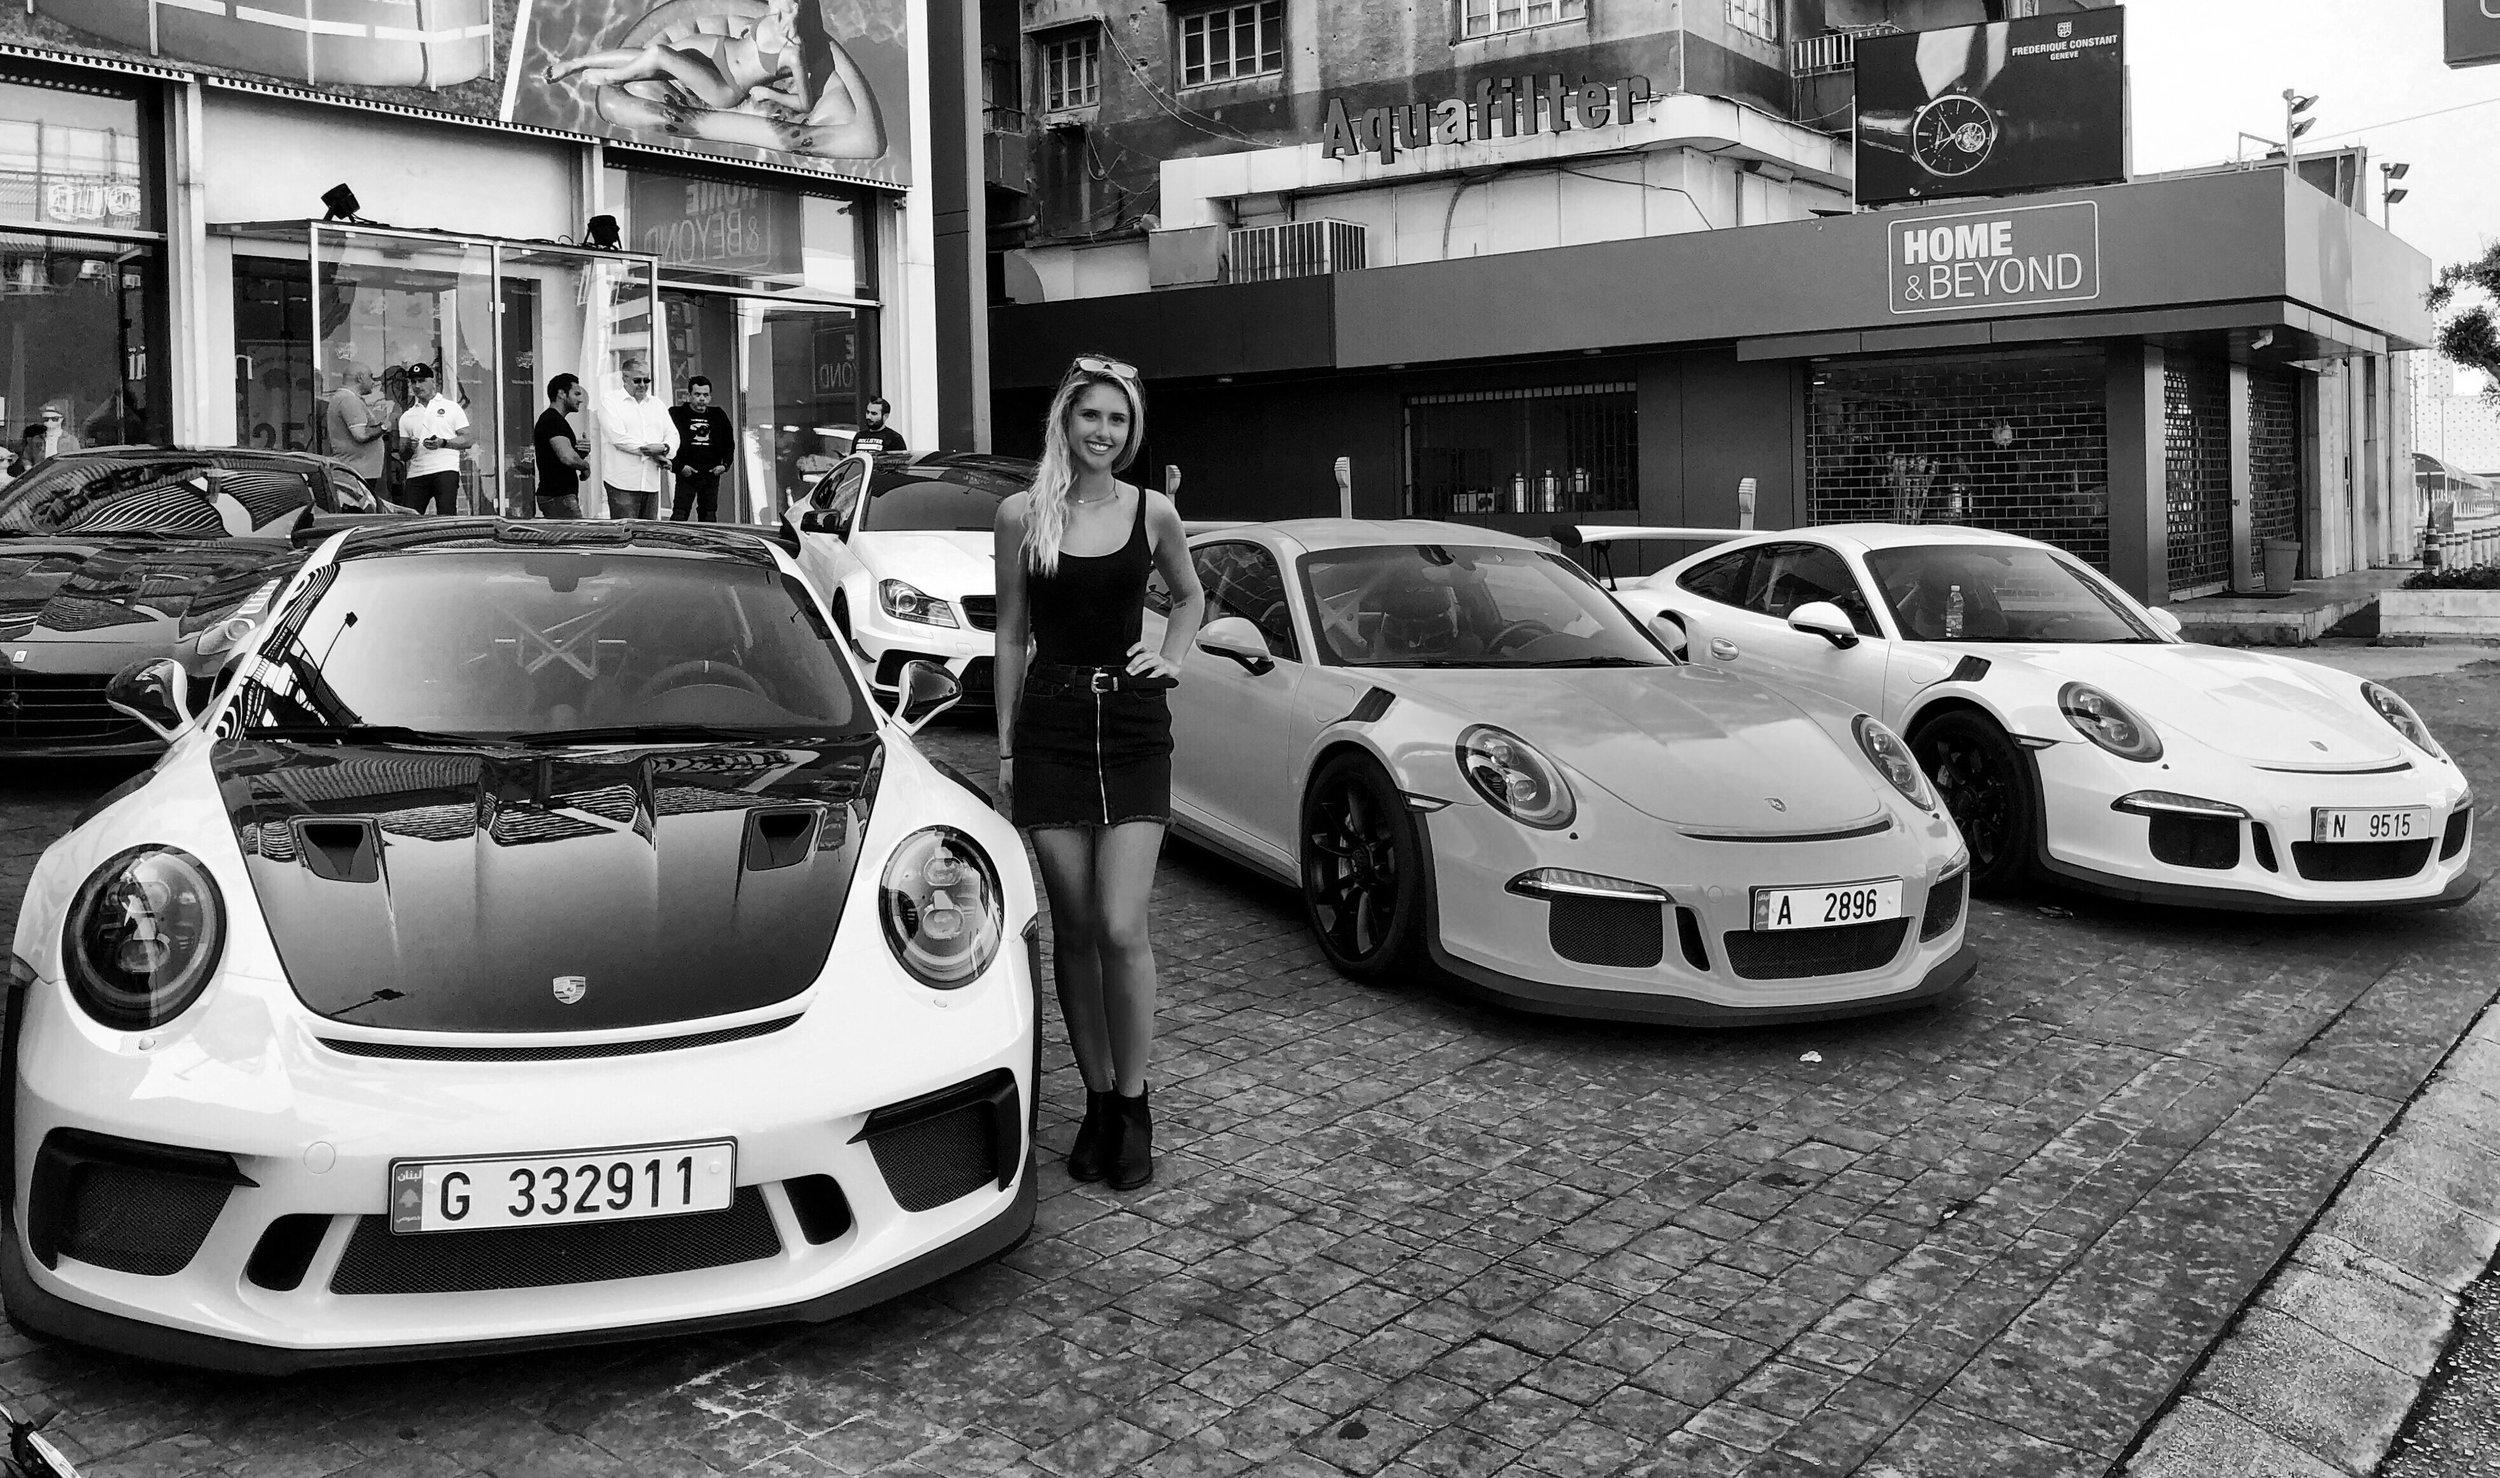 Autoform | Beirut, Lebanon